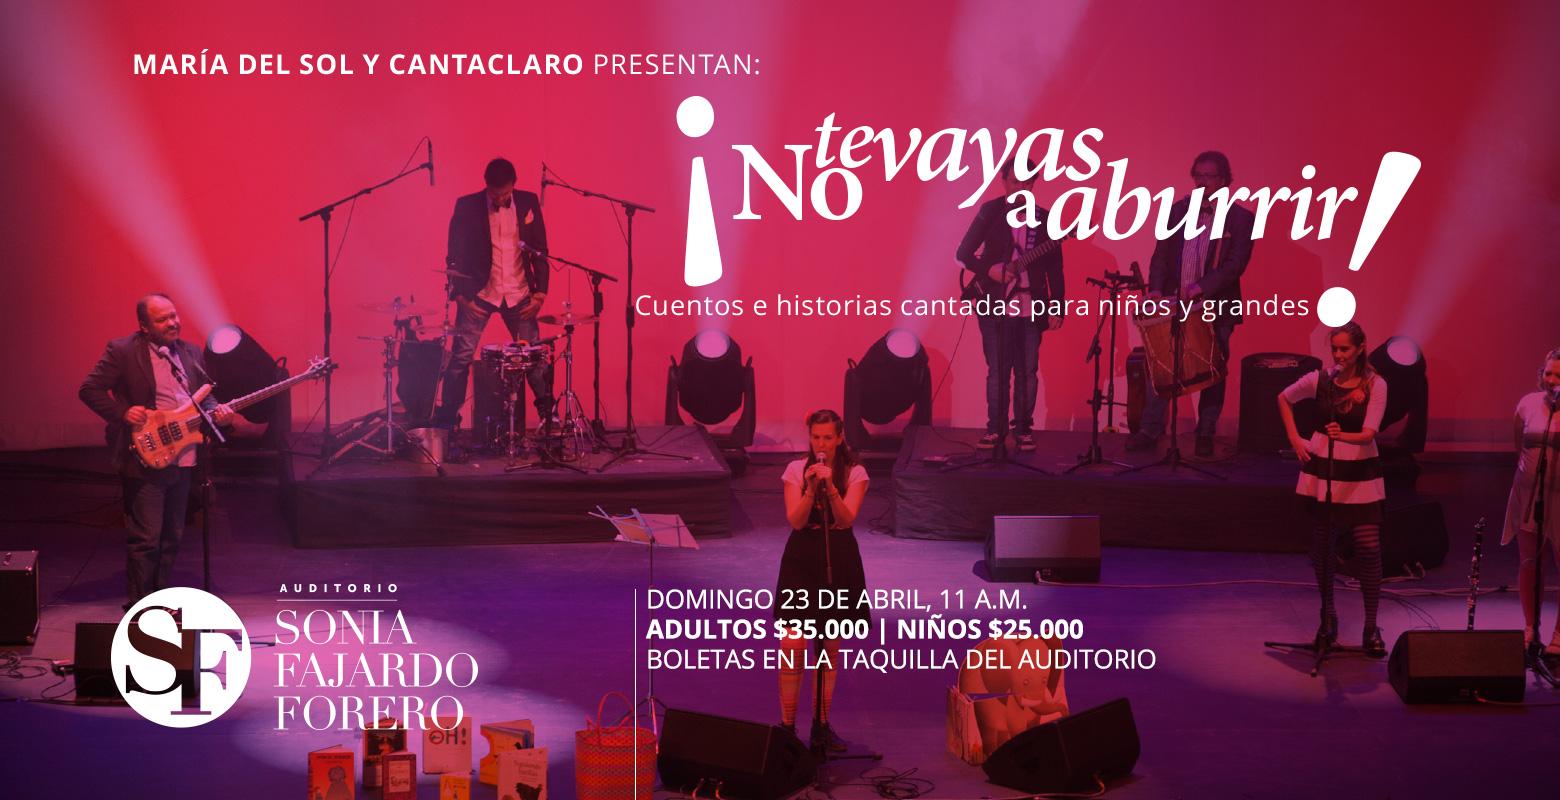 MAría del Sol y Cantaclaro presentan ¡No te vayas a aburrir! en el Auditorio Sonia Fajardo Forero